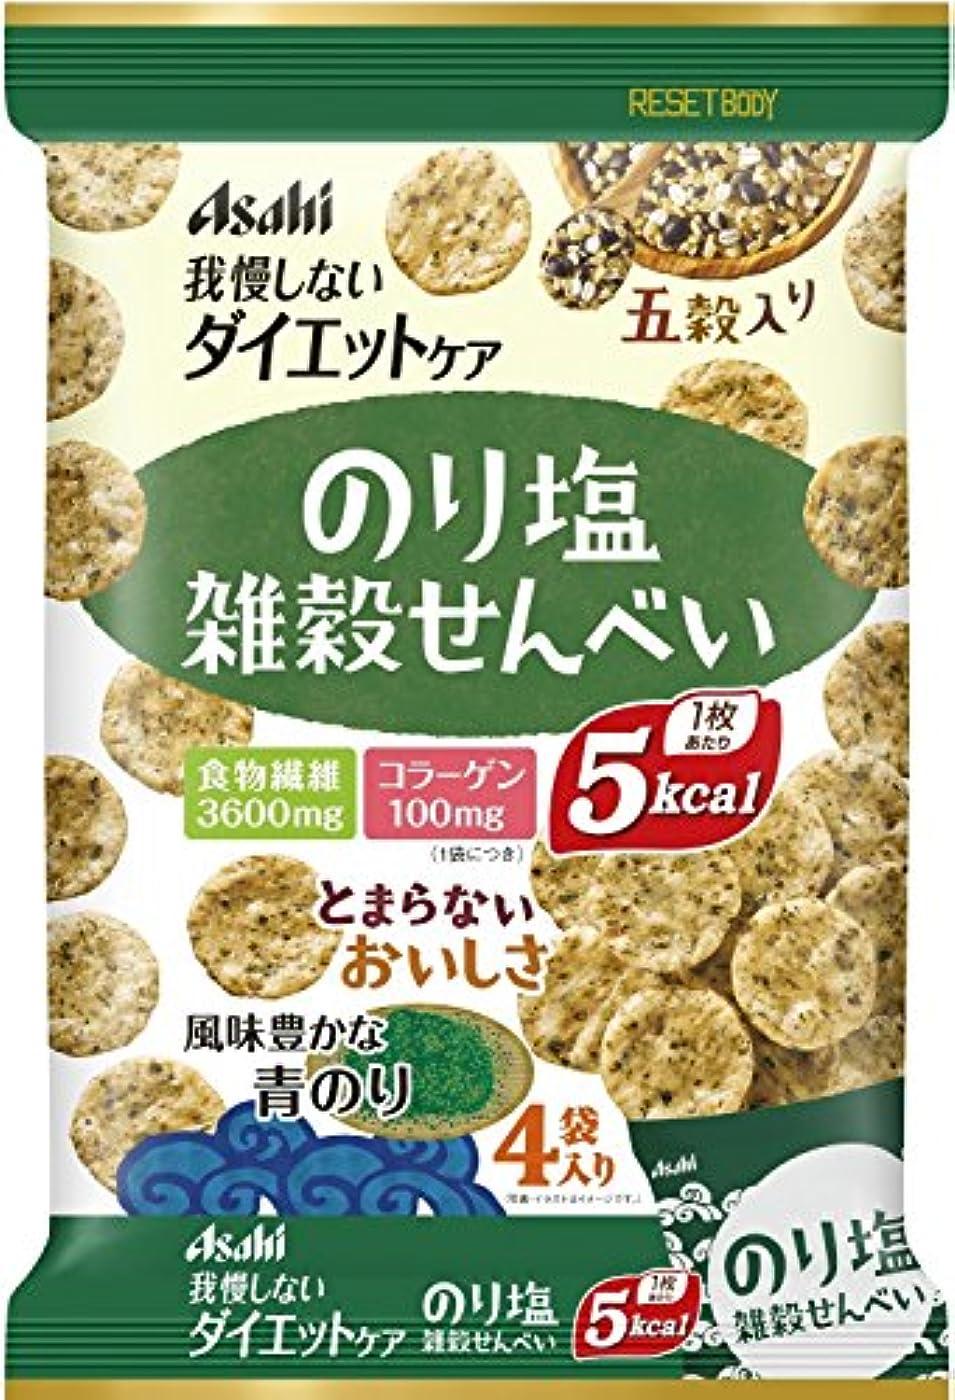 かなり宮殿消化リセットボディ 雑穀せんべい のり塩味 88g(22g×4袋)